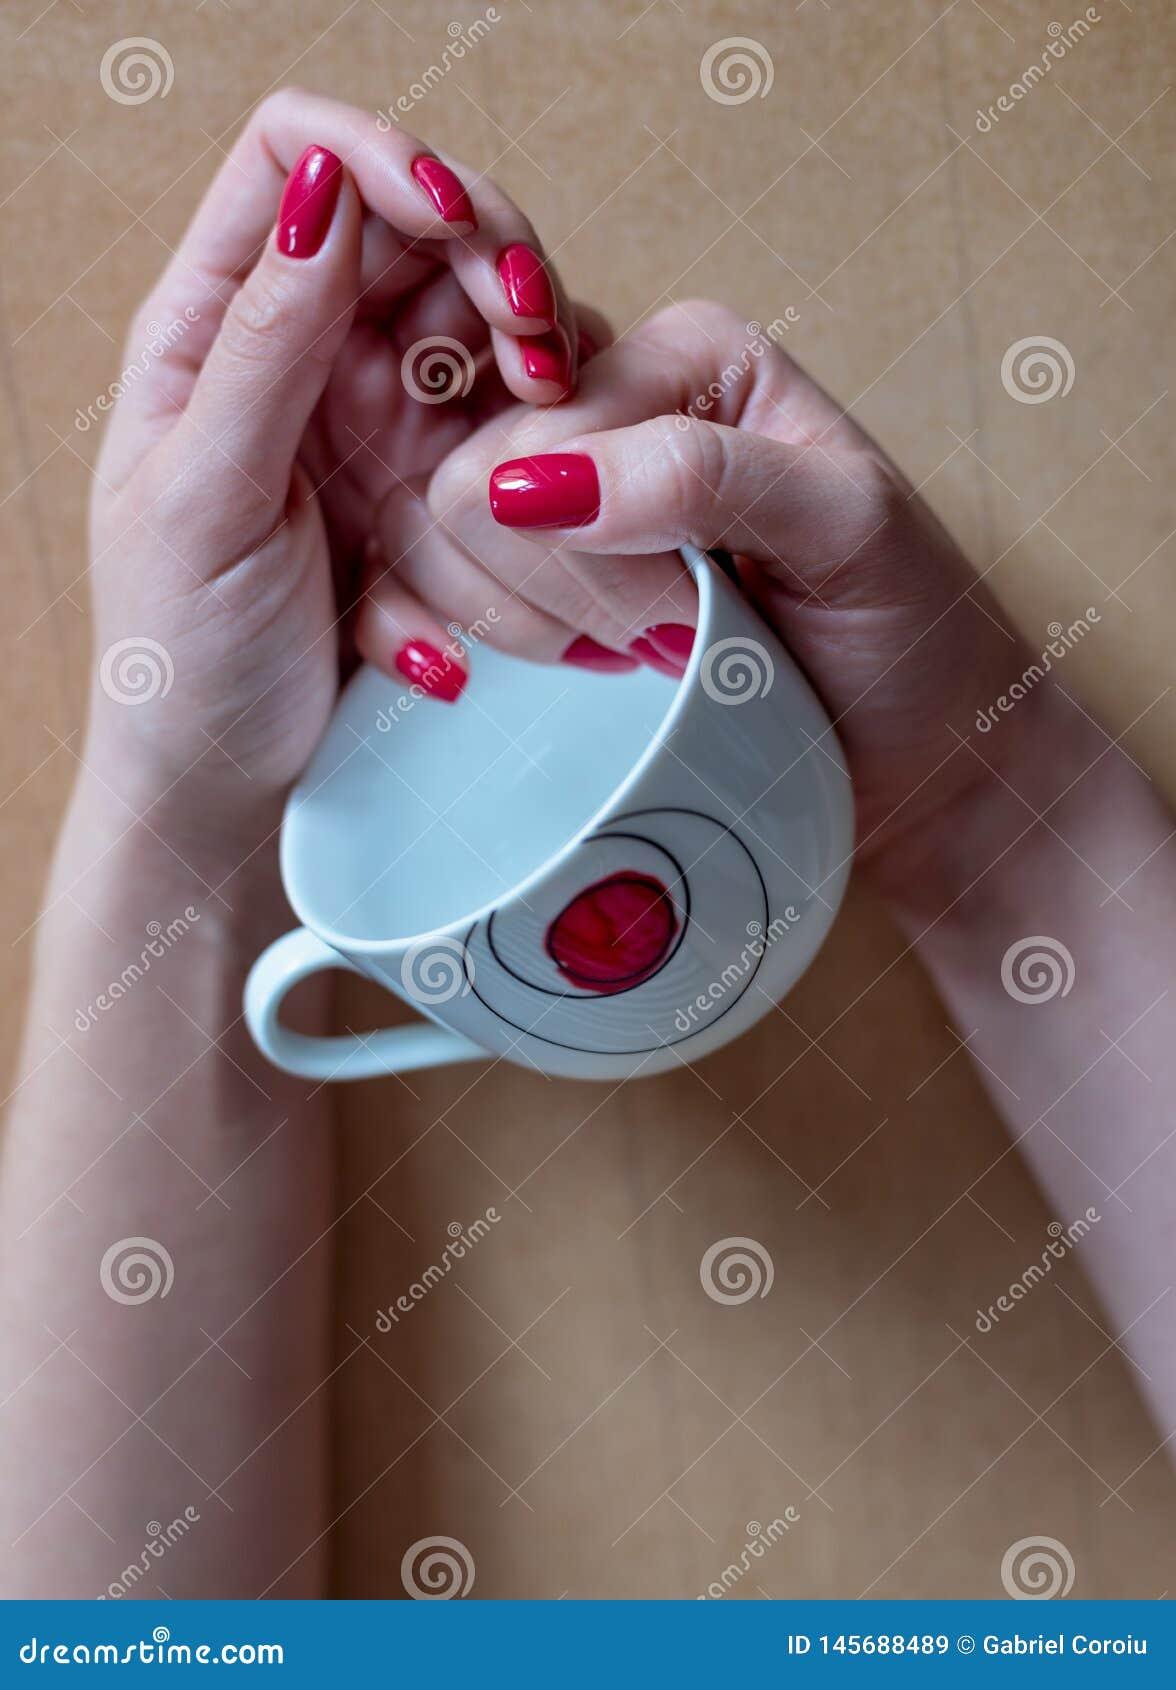 A mulher com tratamento de mãos vermelho guarda um copo de café vazio nela